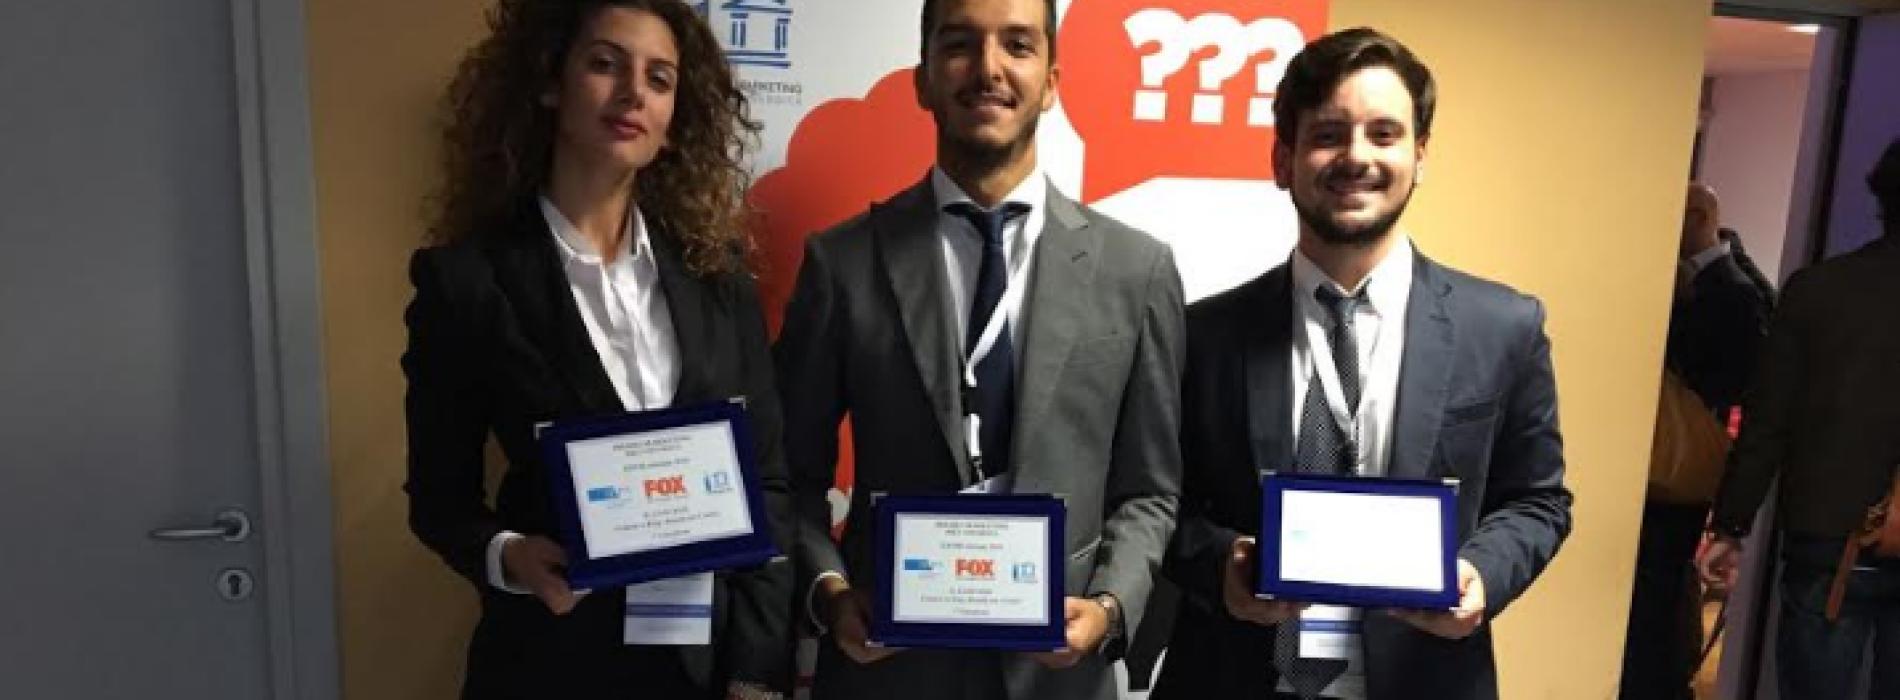 Premio Marketing Fox. Sul podio tre studenti di Economia